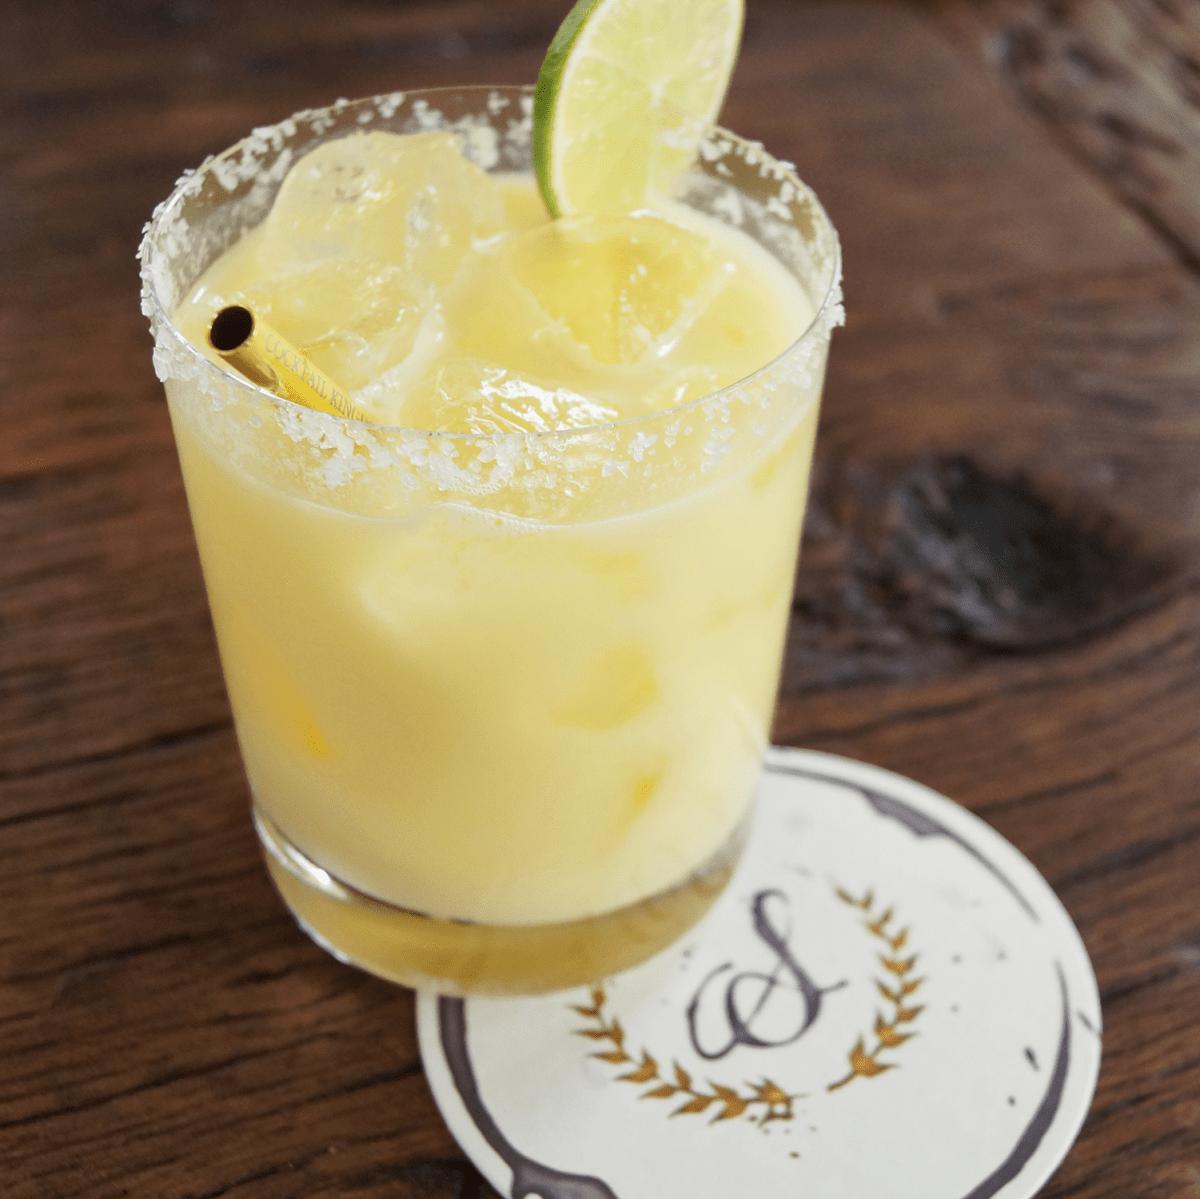 Signature La Cantera Resort and Spa cocktail